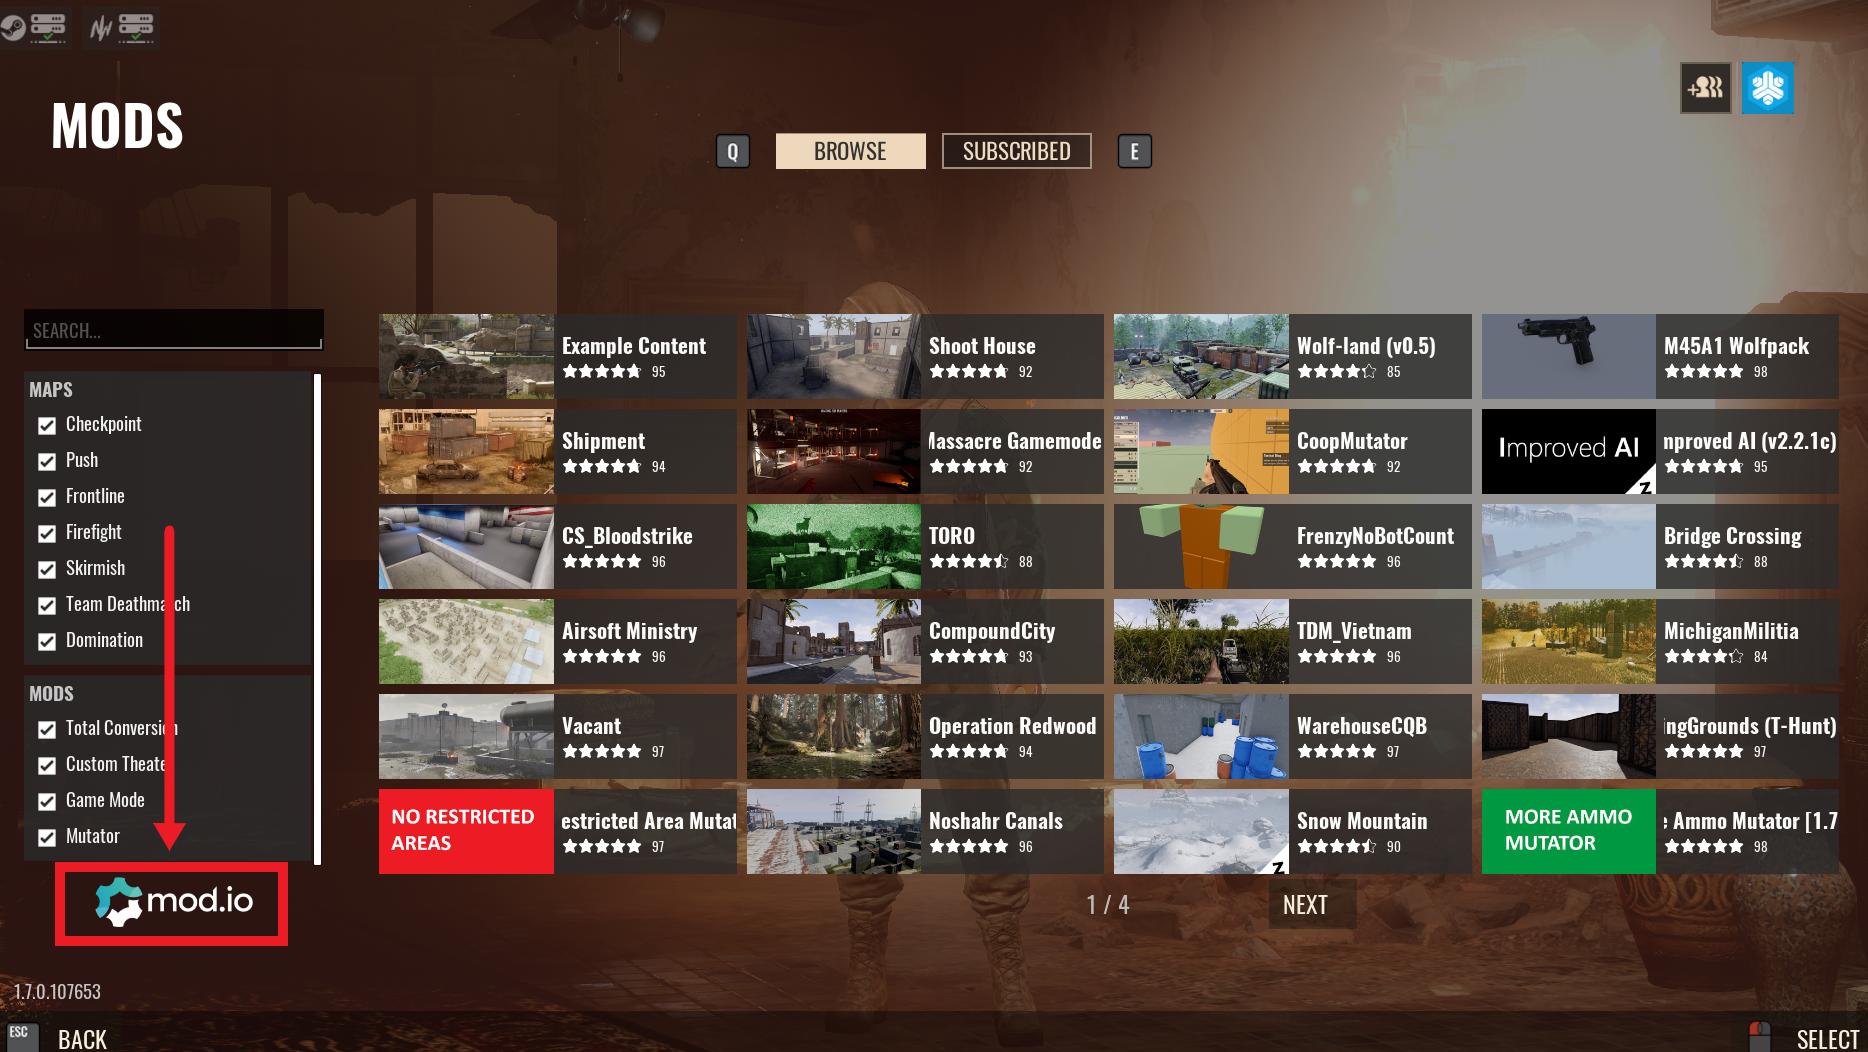 Widok strony Mods w kliencie Insurgency: Sandstorm, pokazujący, jak zalogować się do konta Mod.io.